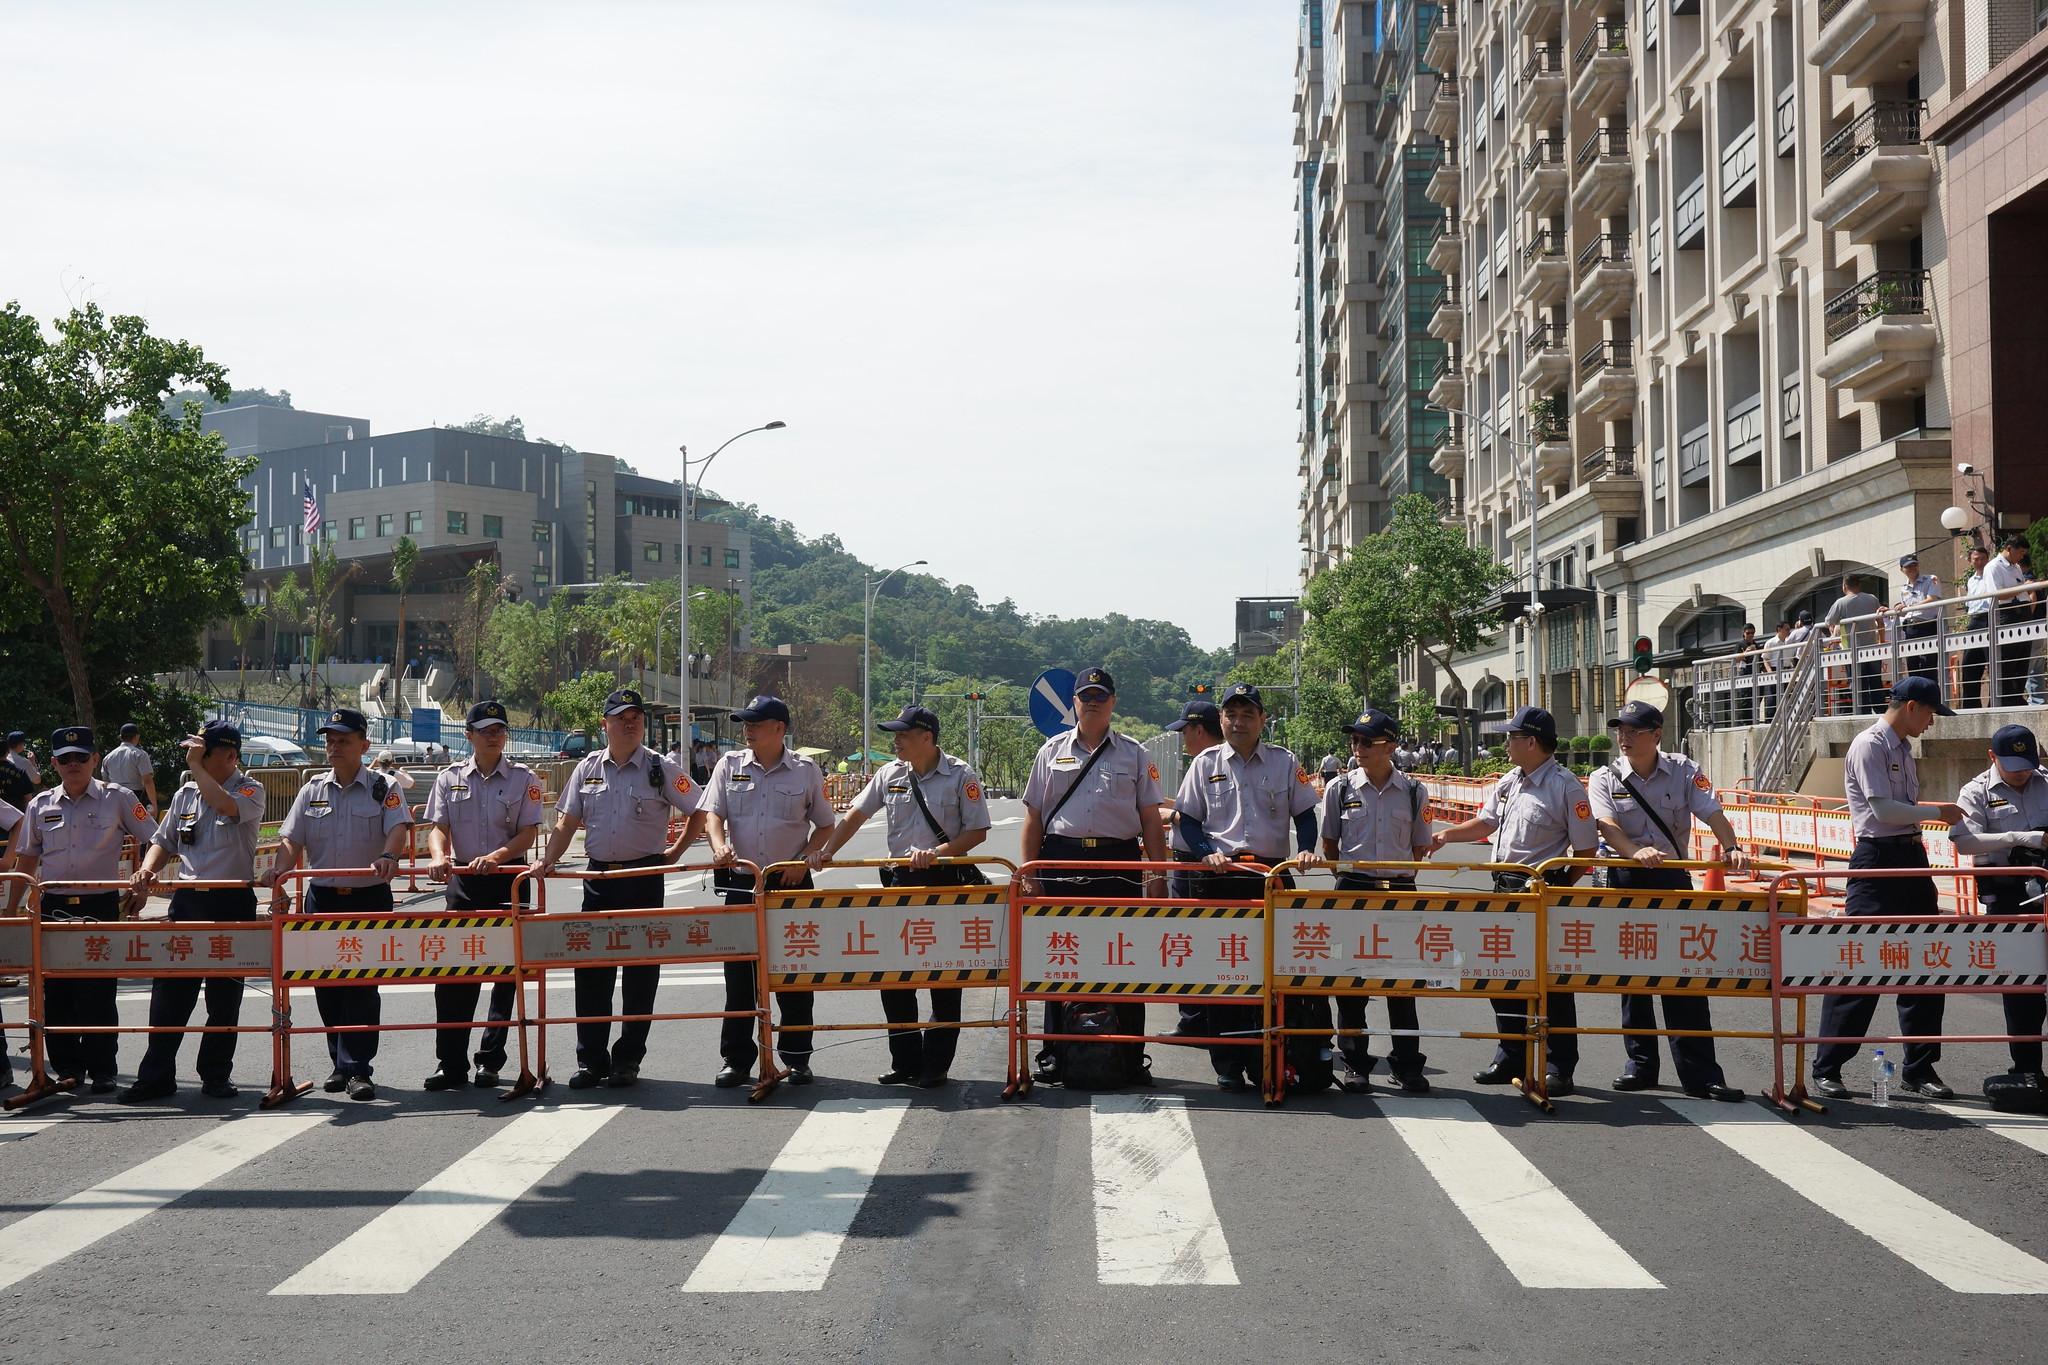 警力將三方人馬均隔離在距AIT 300公尺外。(攝影:王顥中)